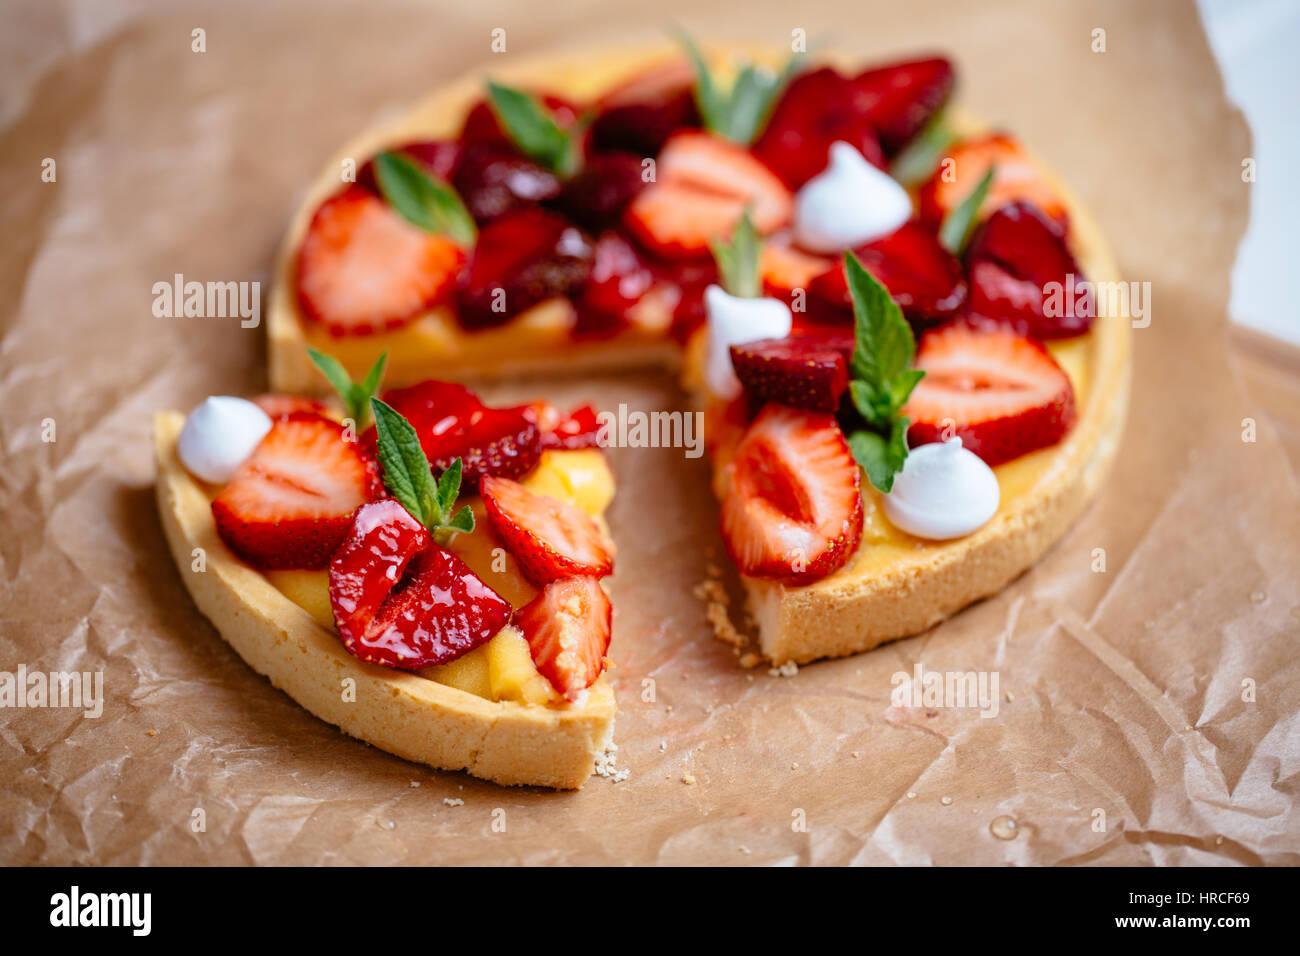 homemade preparing strawberry tart on white wooden desk - Stock Image